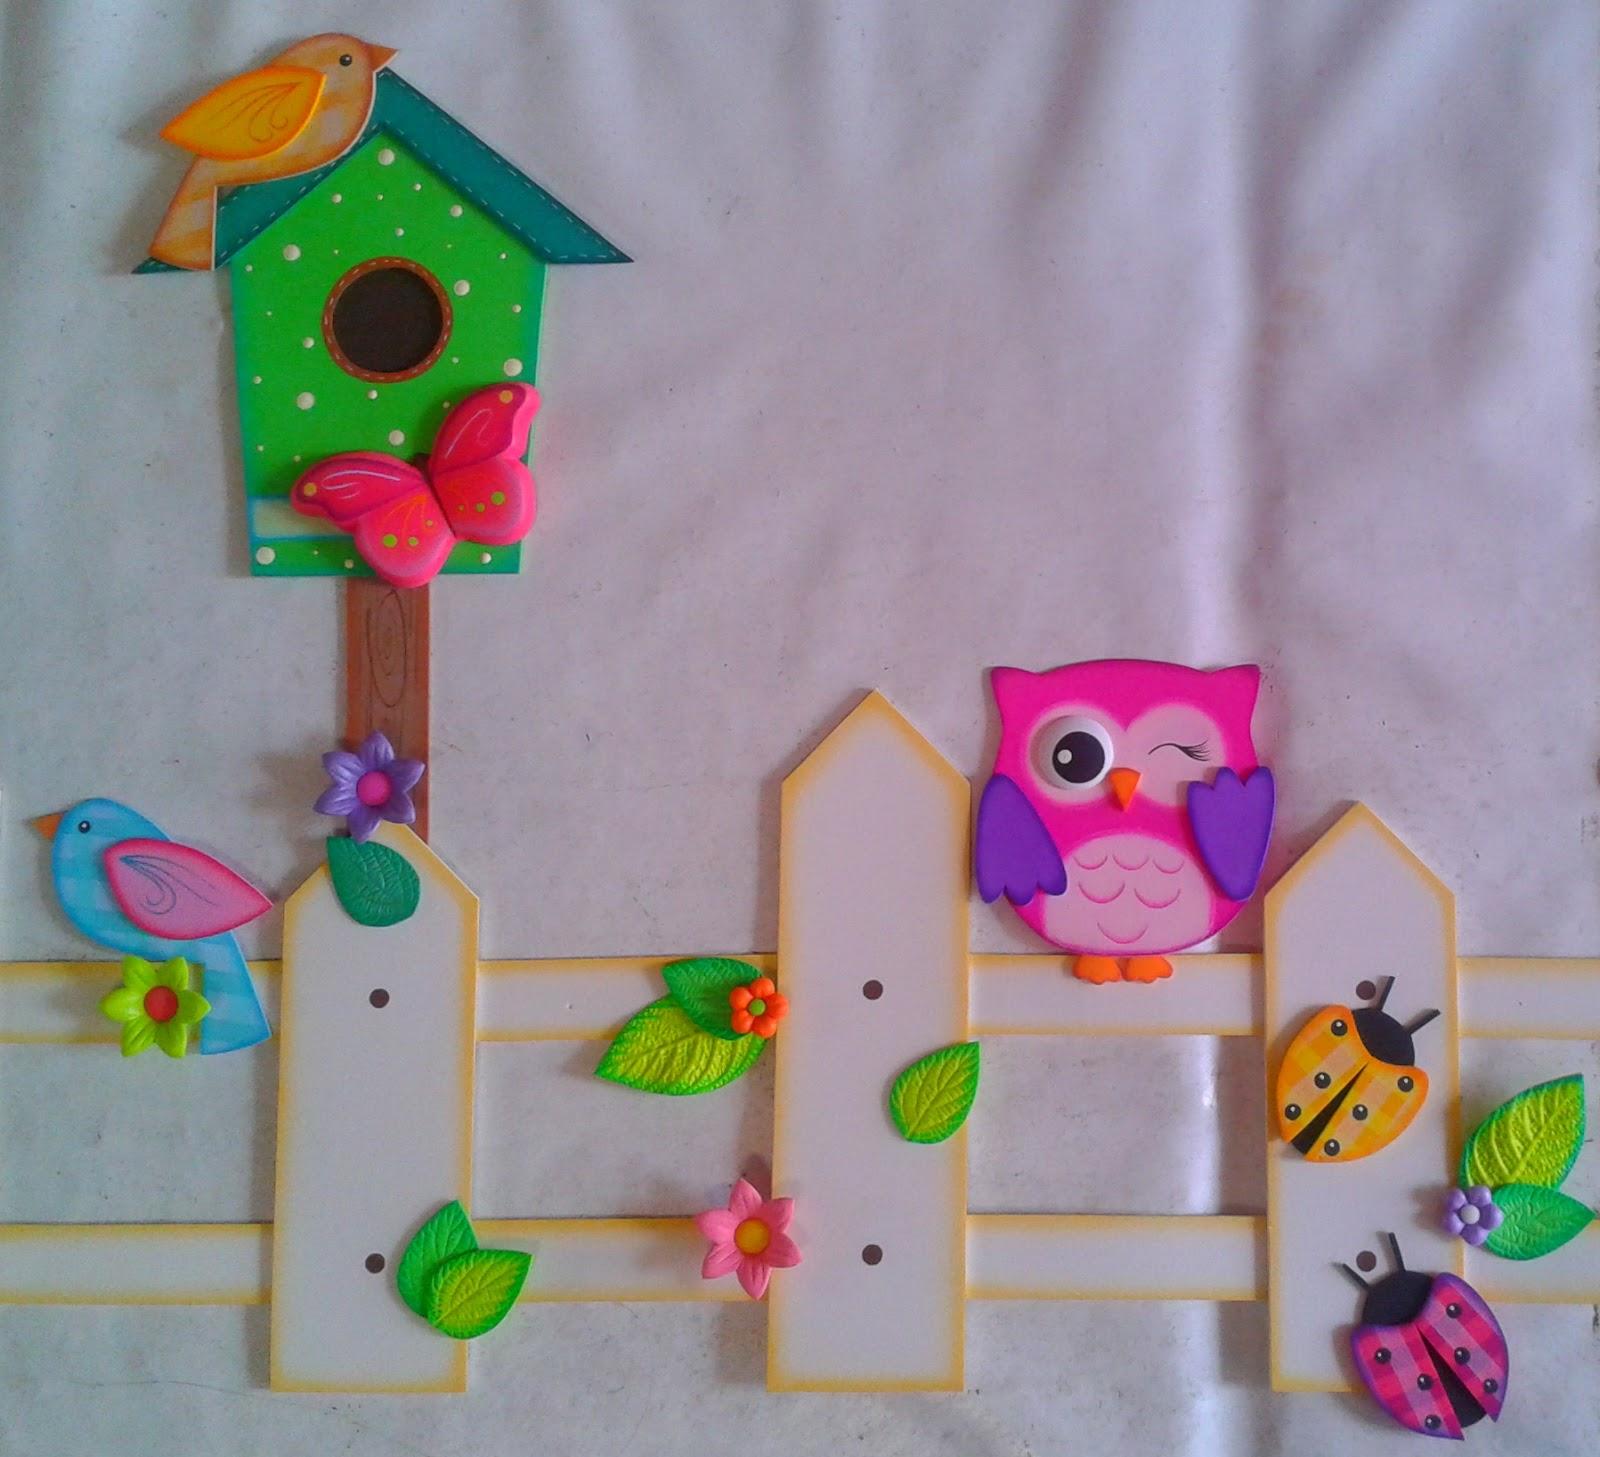 ... Se puede decorar el cuarto de los niños haciendo las veces de cenefa